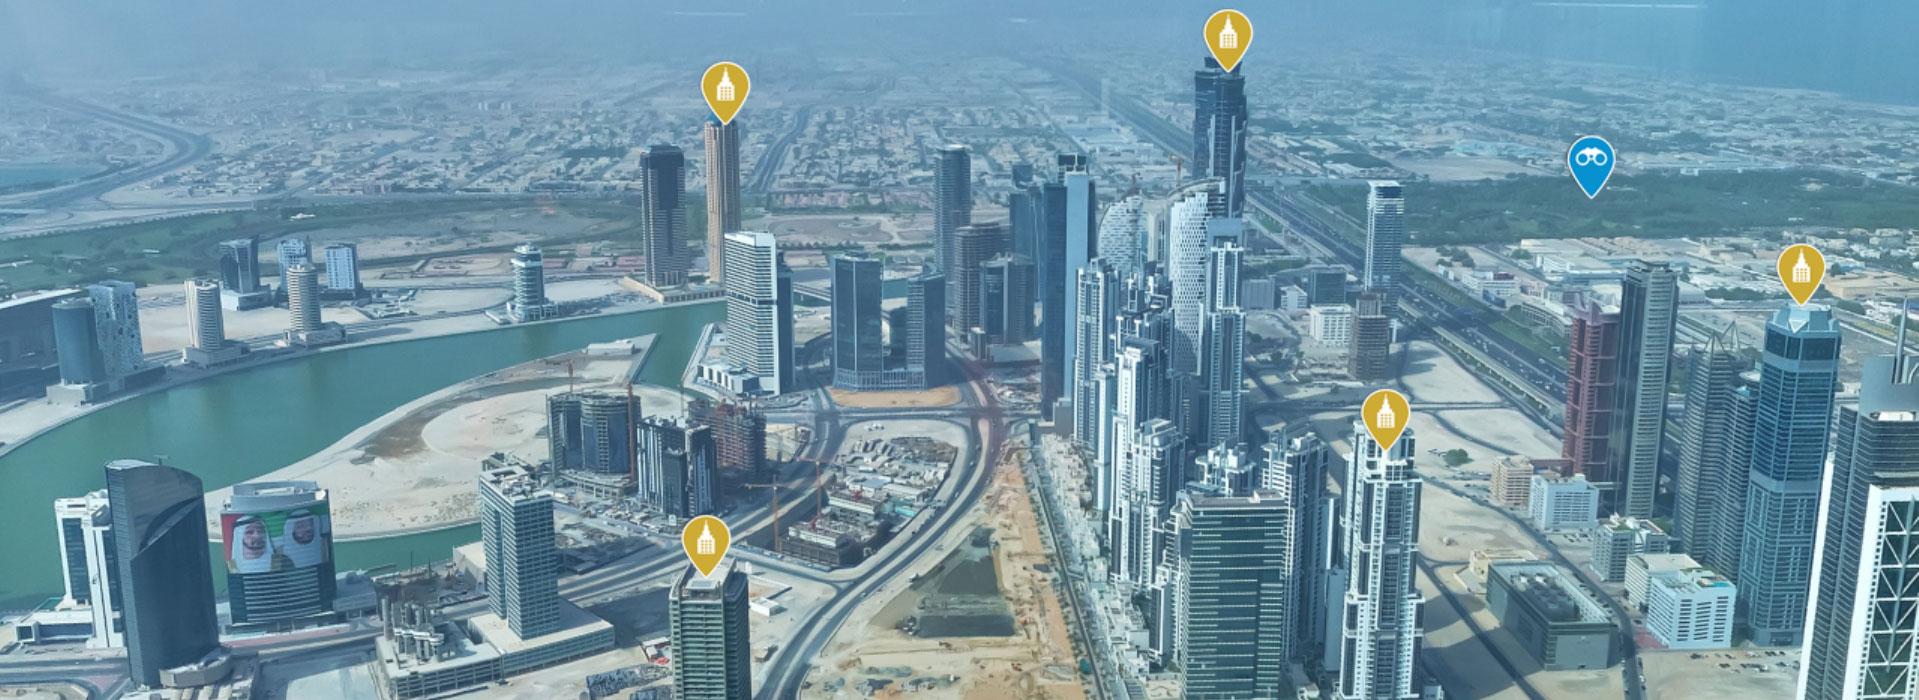 Привлечение туристов при помощи сферических 3д-панорам